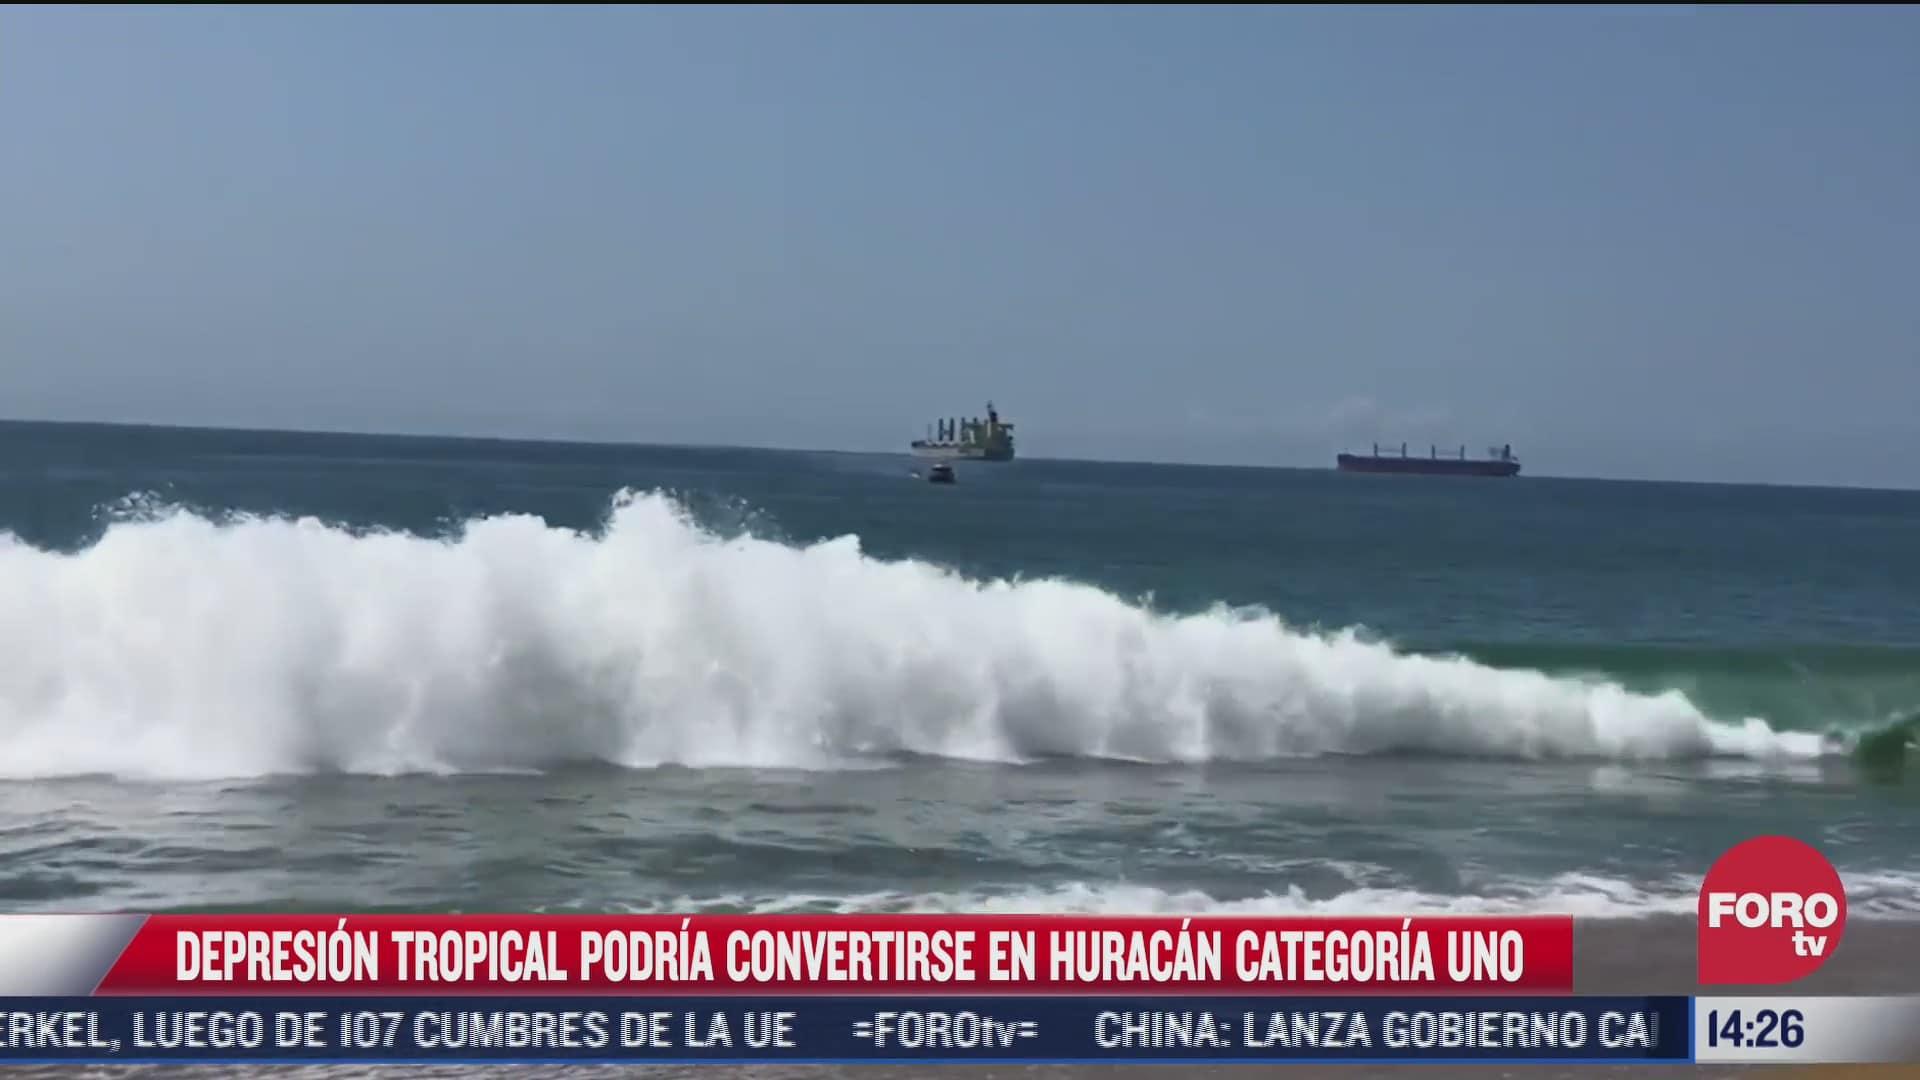 conagua preve que depresion tropical se convierta en huracan